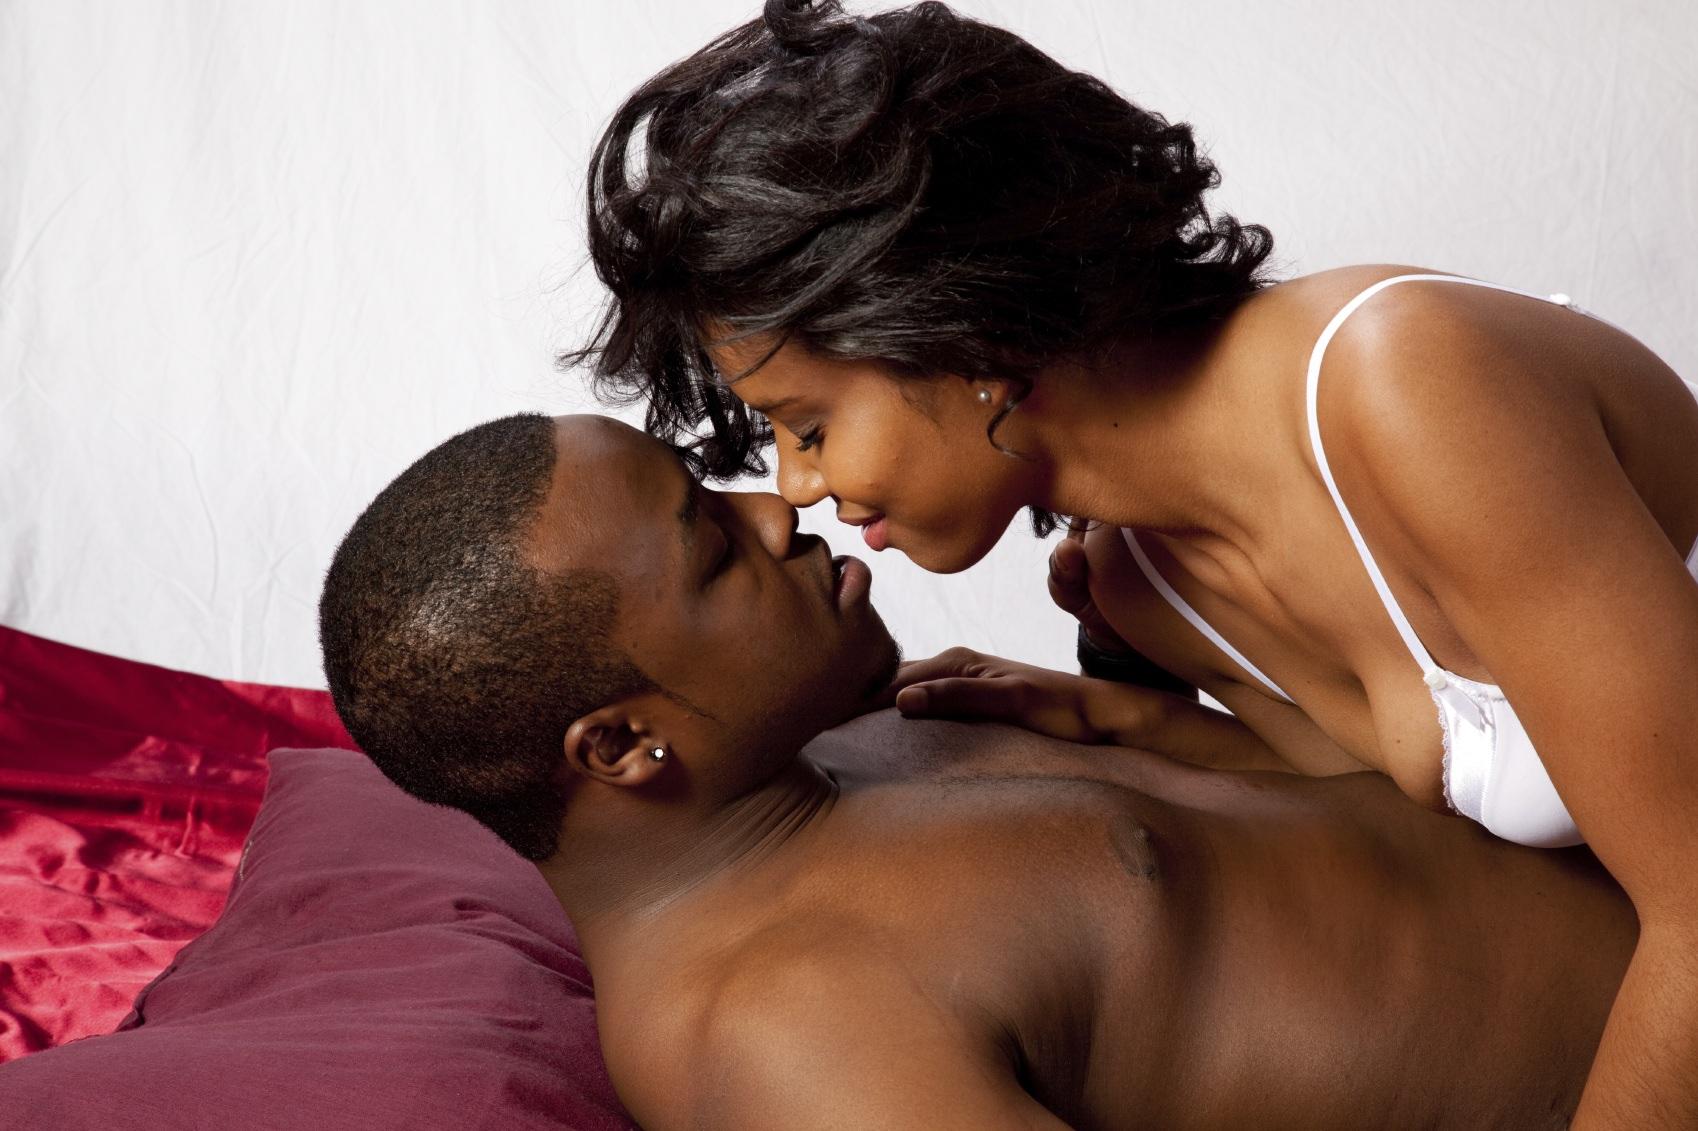 5 idées fortes dans l'esprit des femmes pendant l'amour !